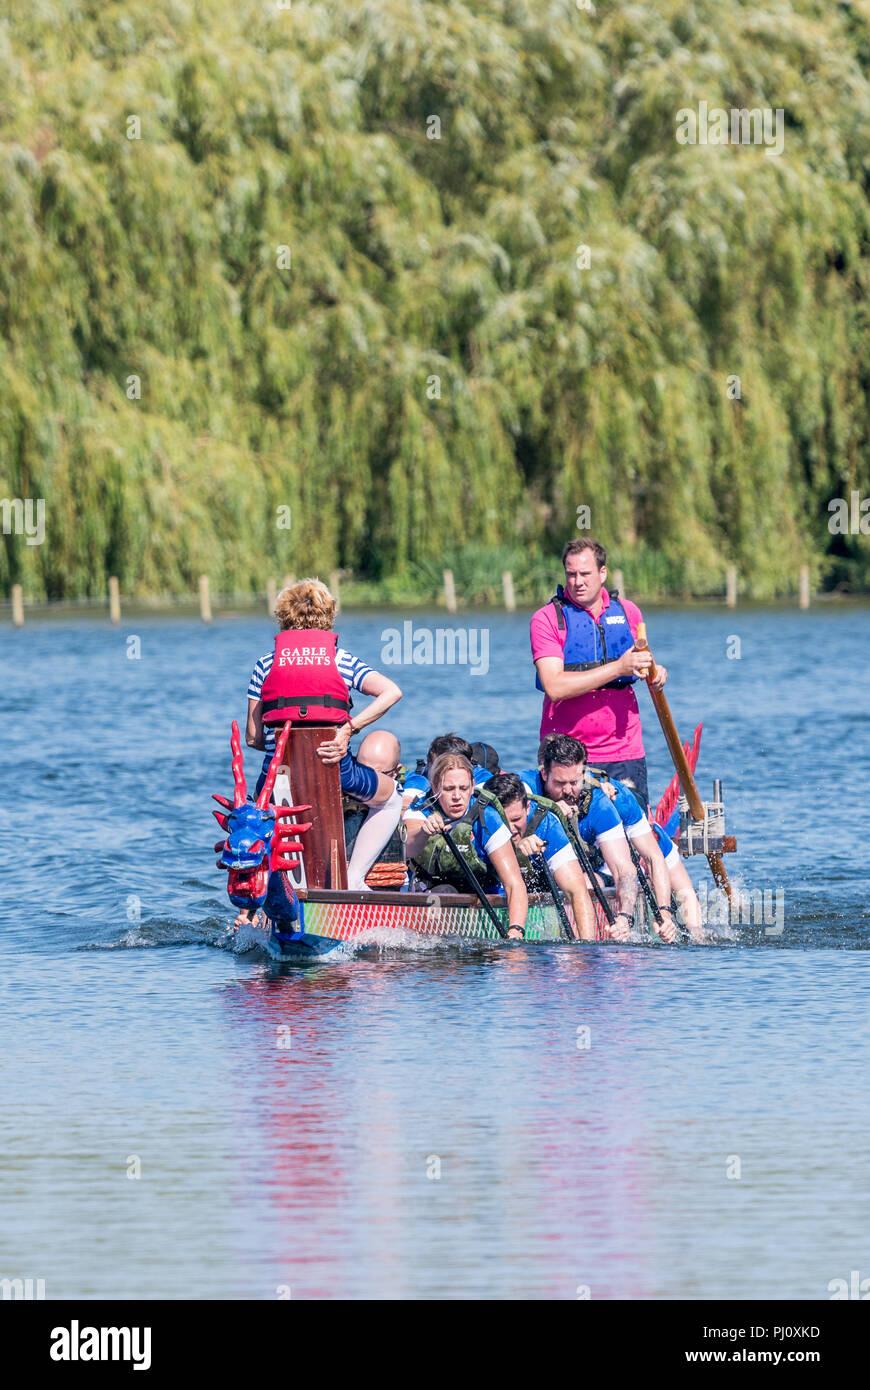 Scharf Crew im Dragon Boat Race von Osten Northants Rotary Clubs an Wicksteed Park, Kettering organisiert am 2. September 2018. Stockbild